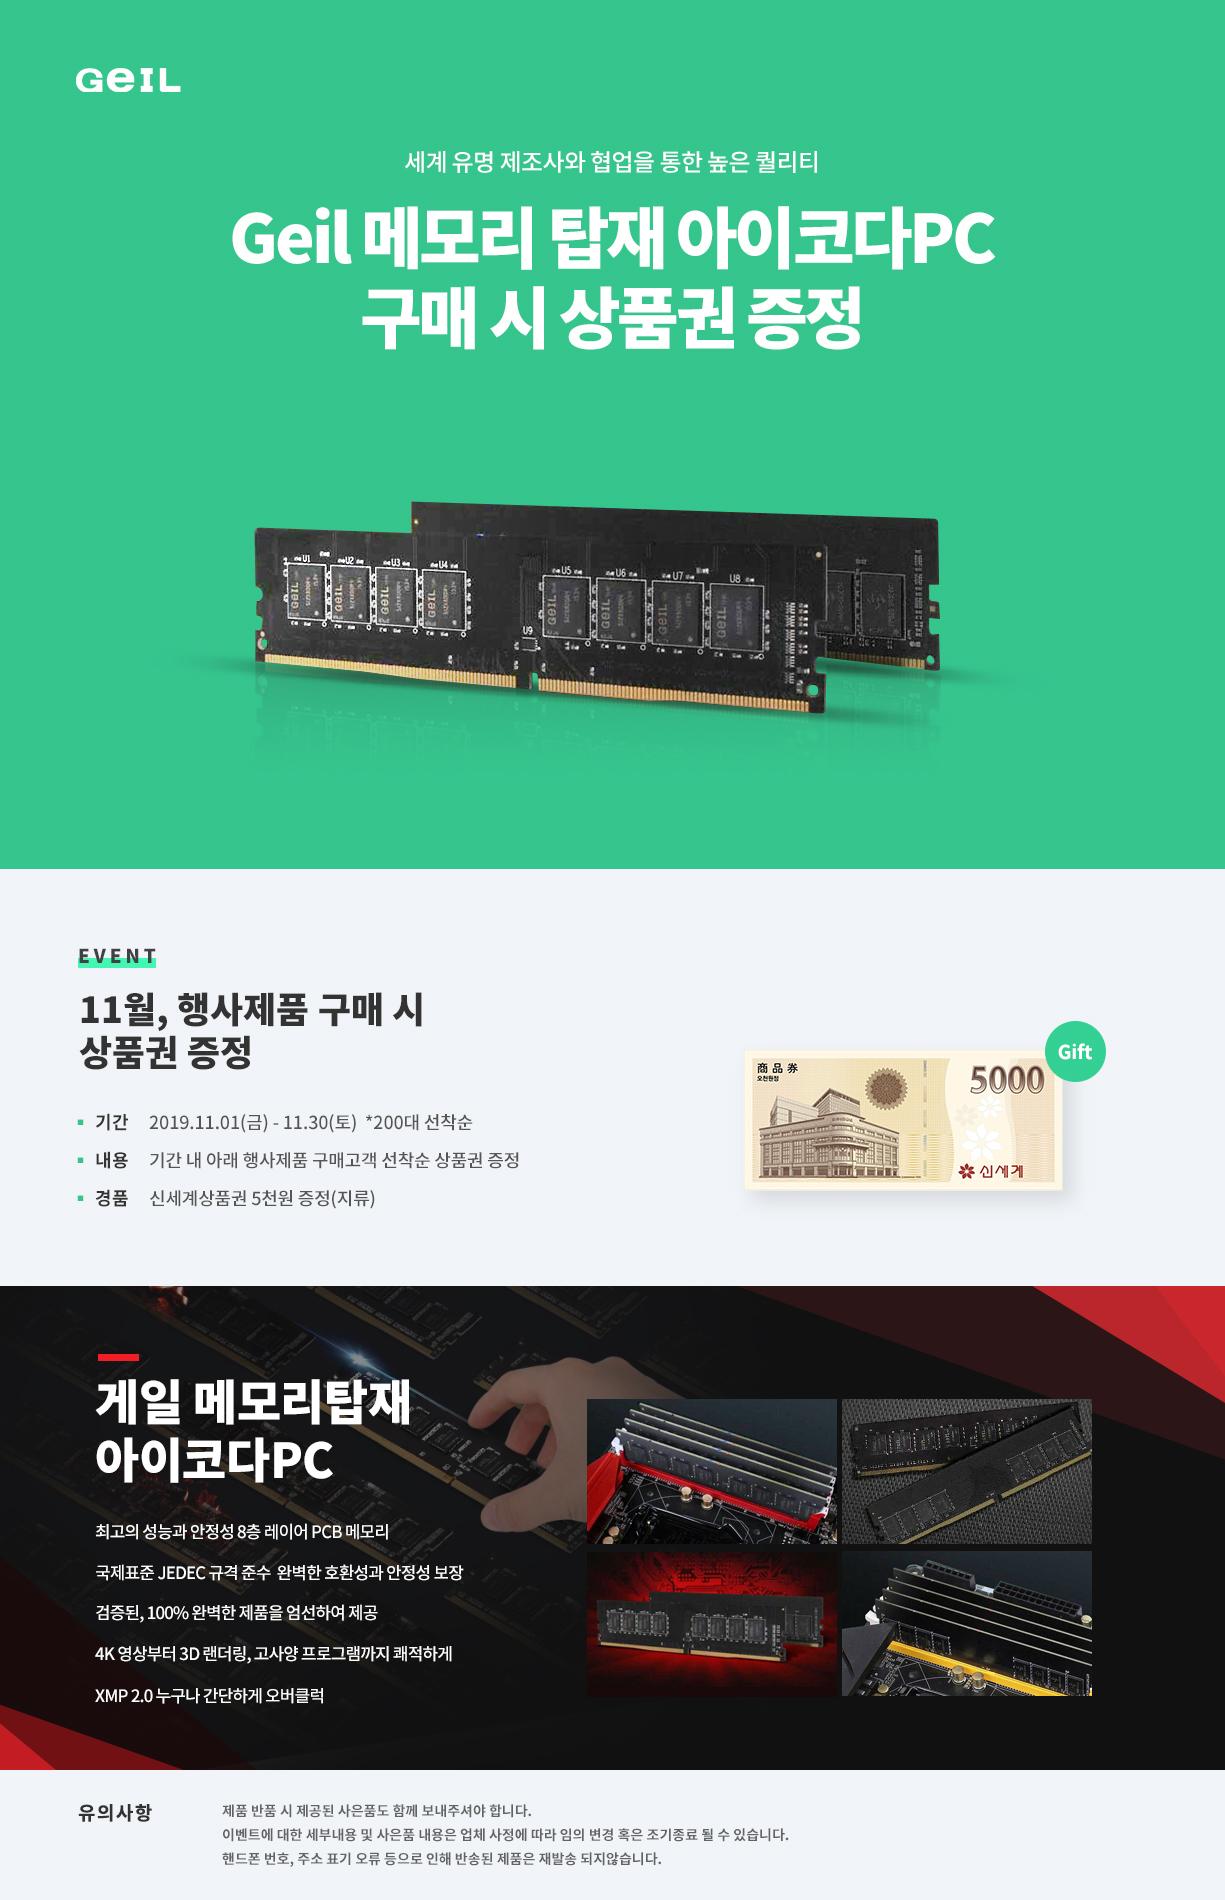 게일 메모리가 탑재된 아이코다 완제PC 구매시 신세계 상품권 증정 이벤트!